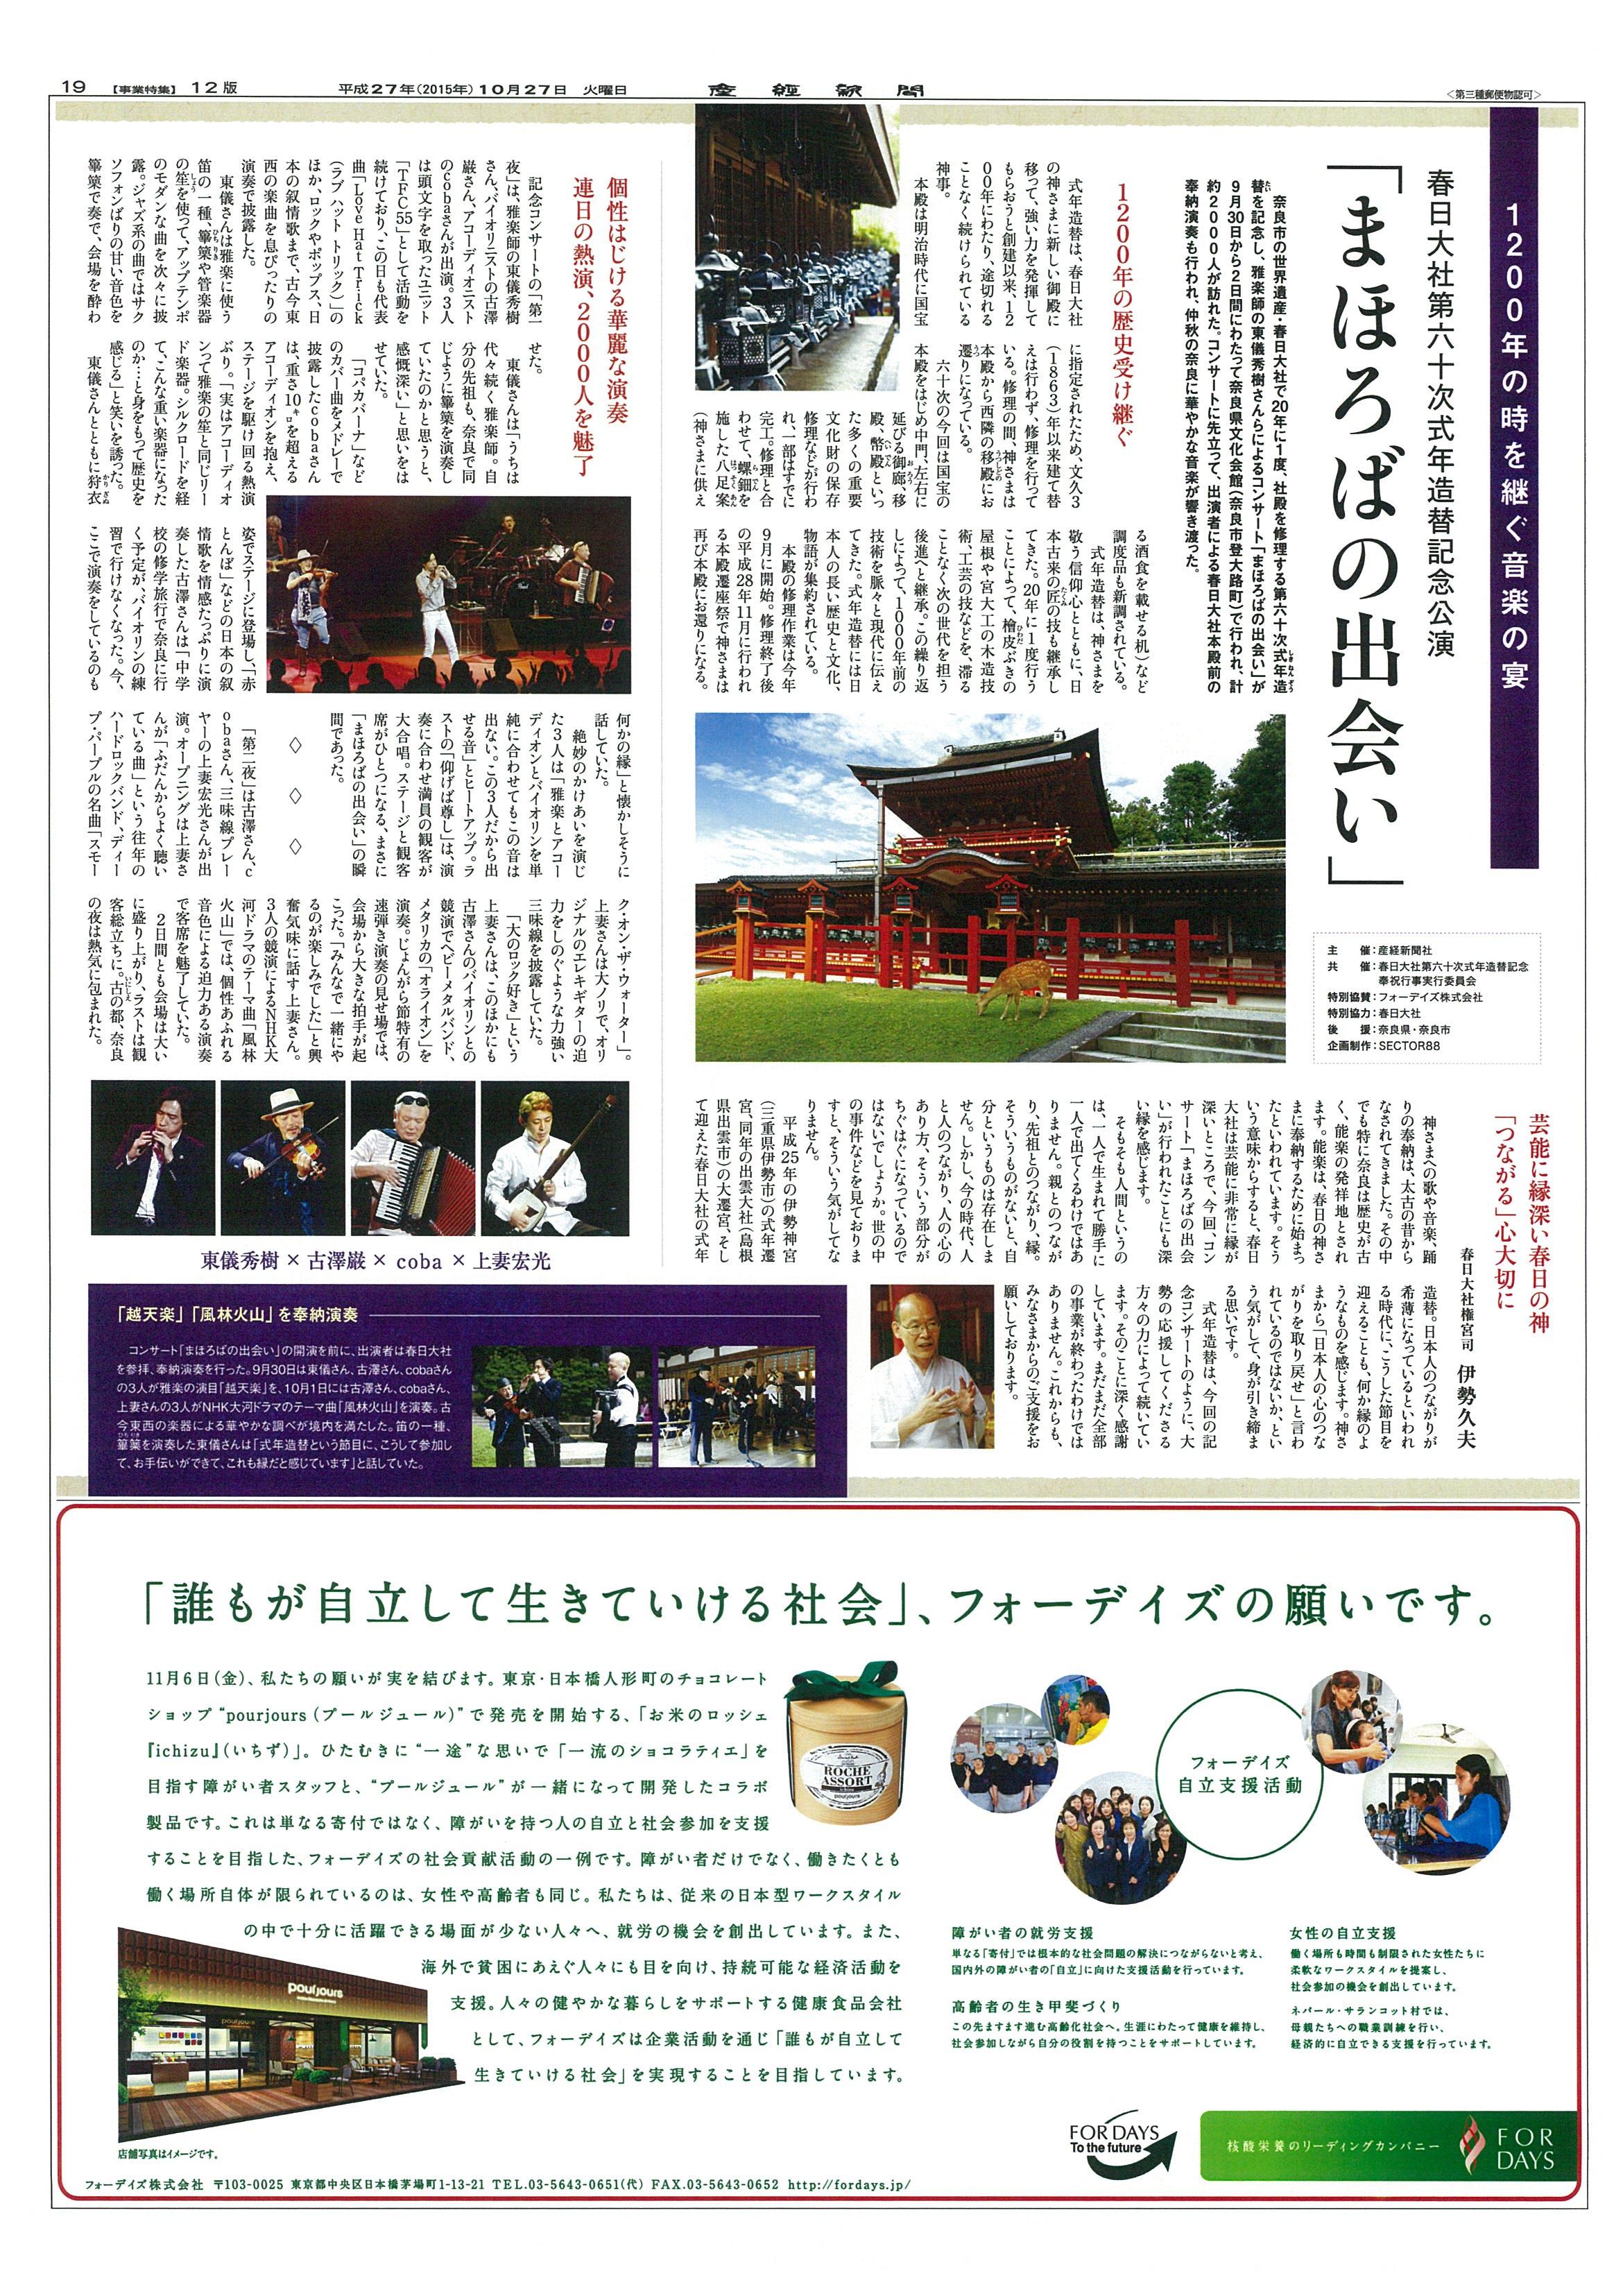 2015/10/27 産経新聞